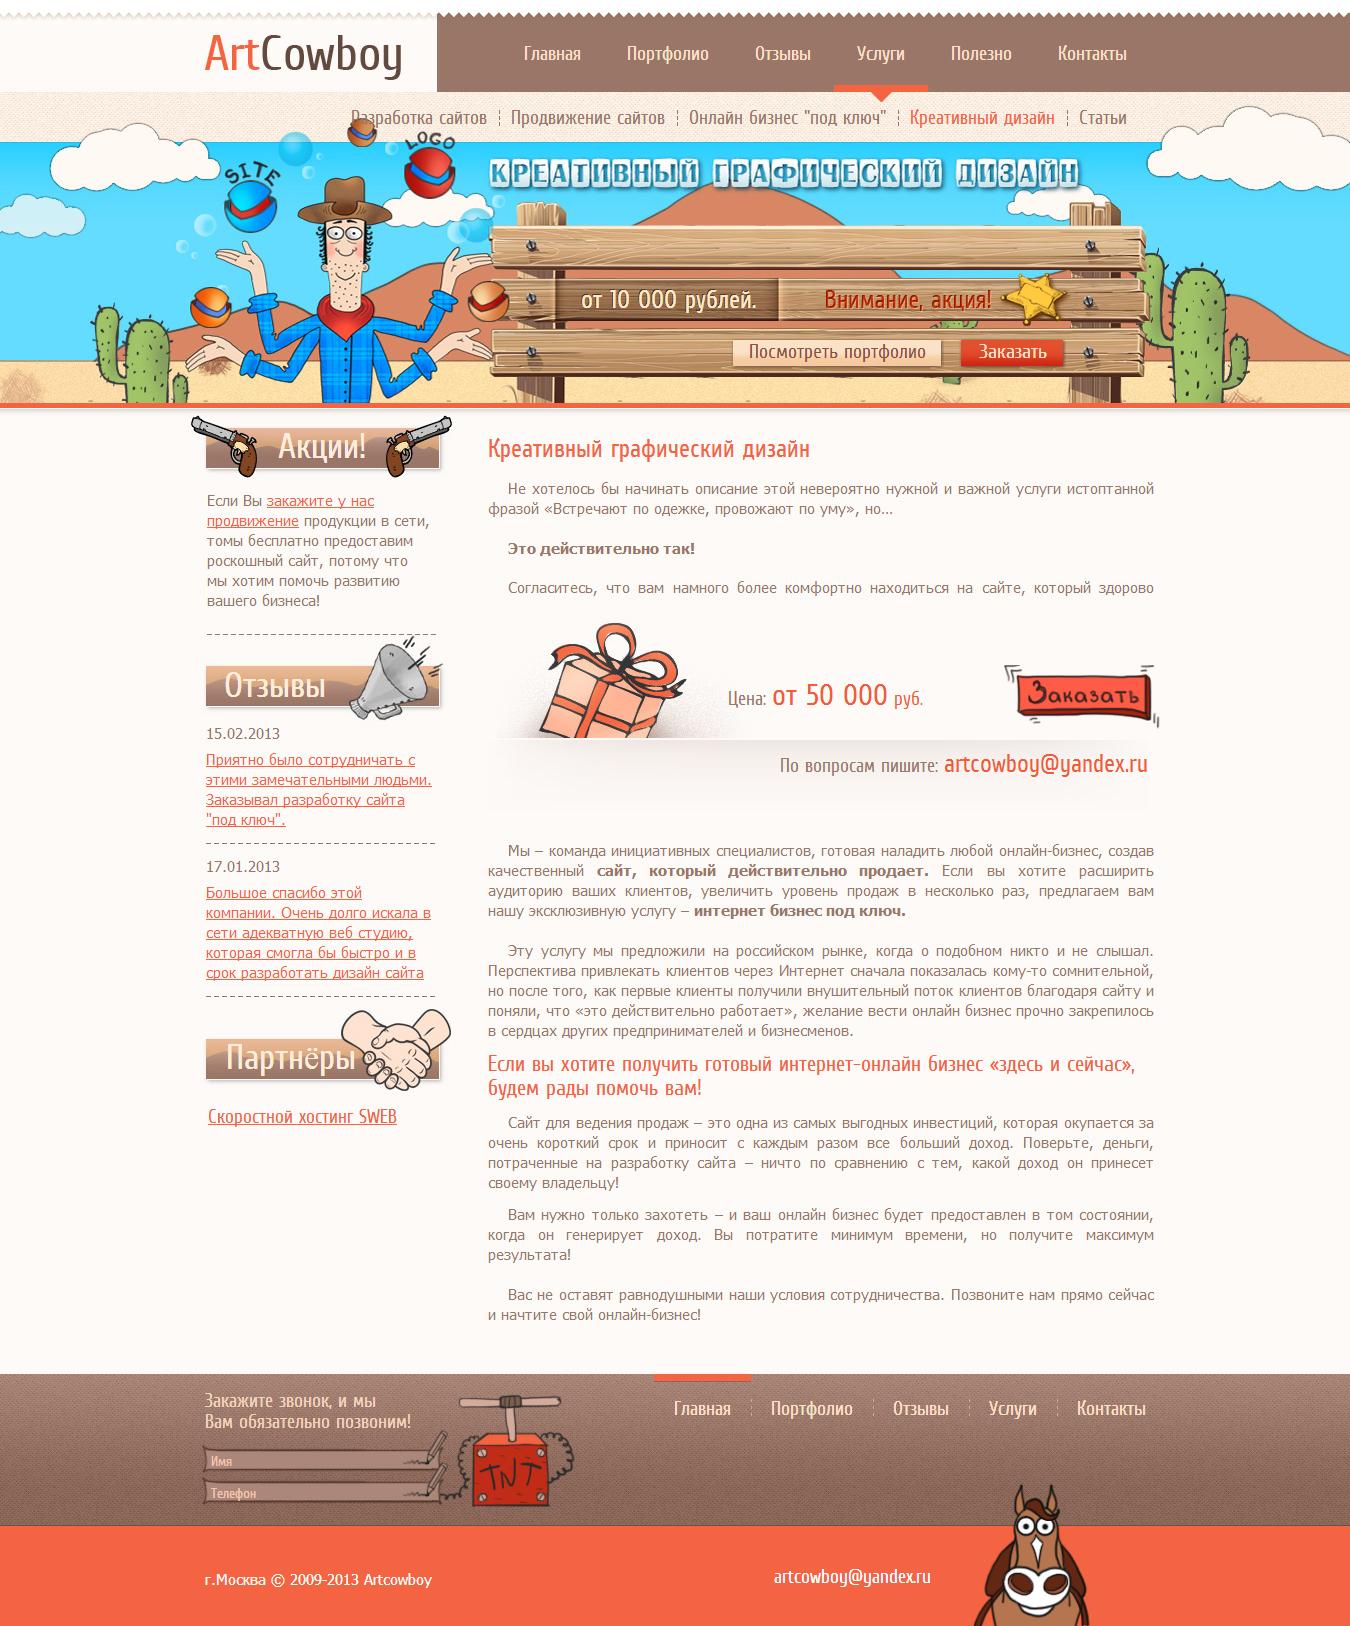 Artcowboy.ru - креативный дизайн